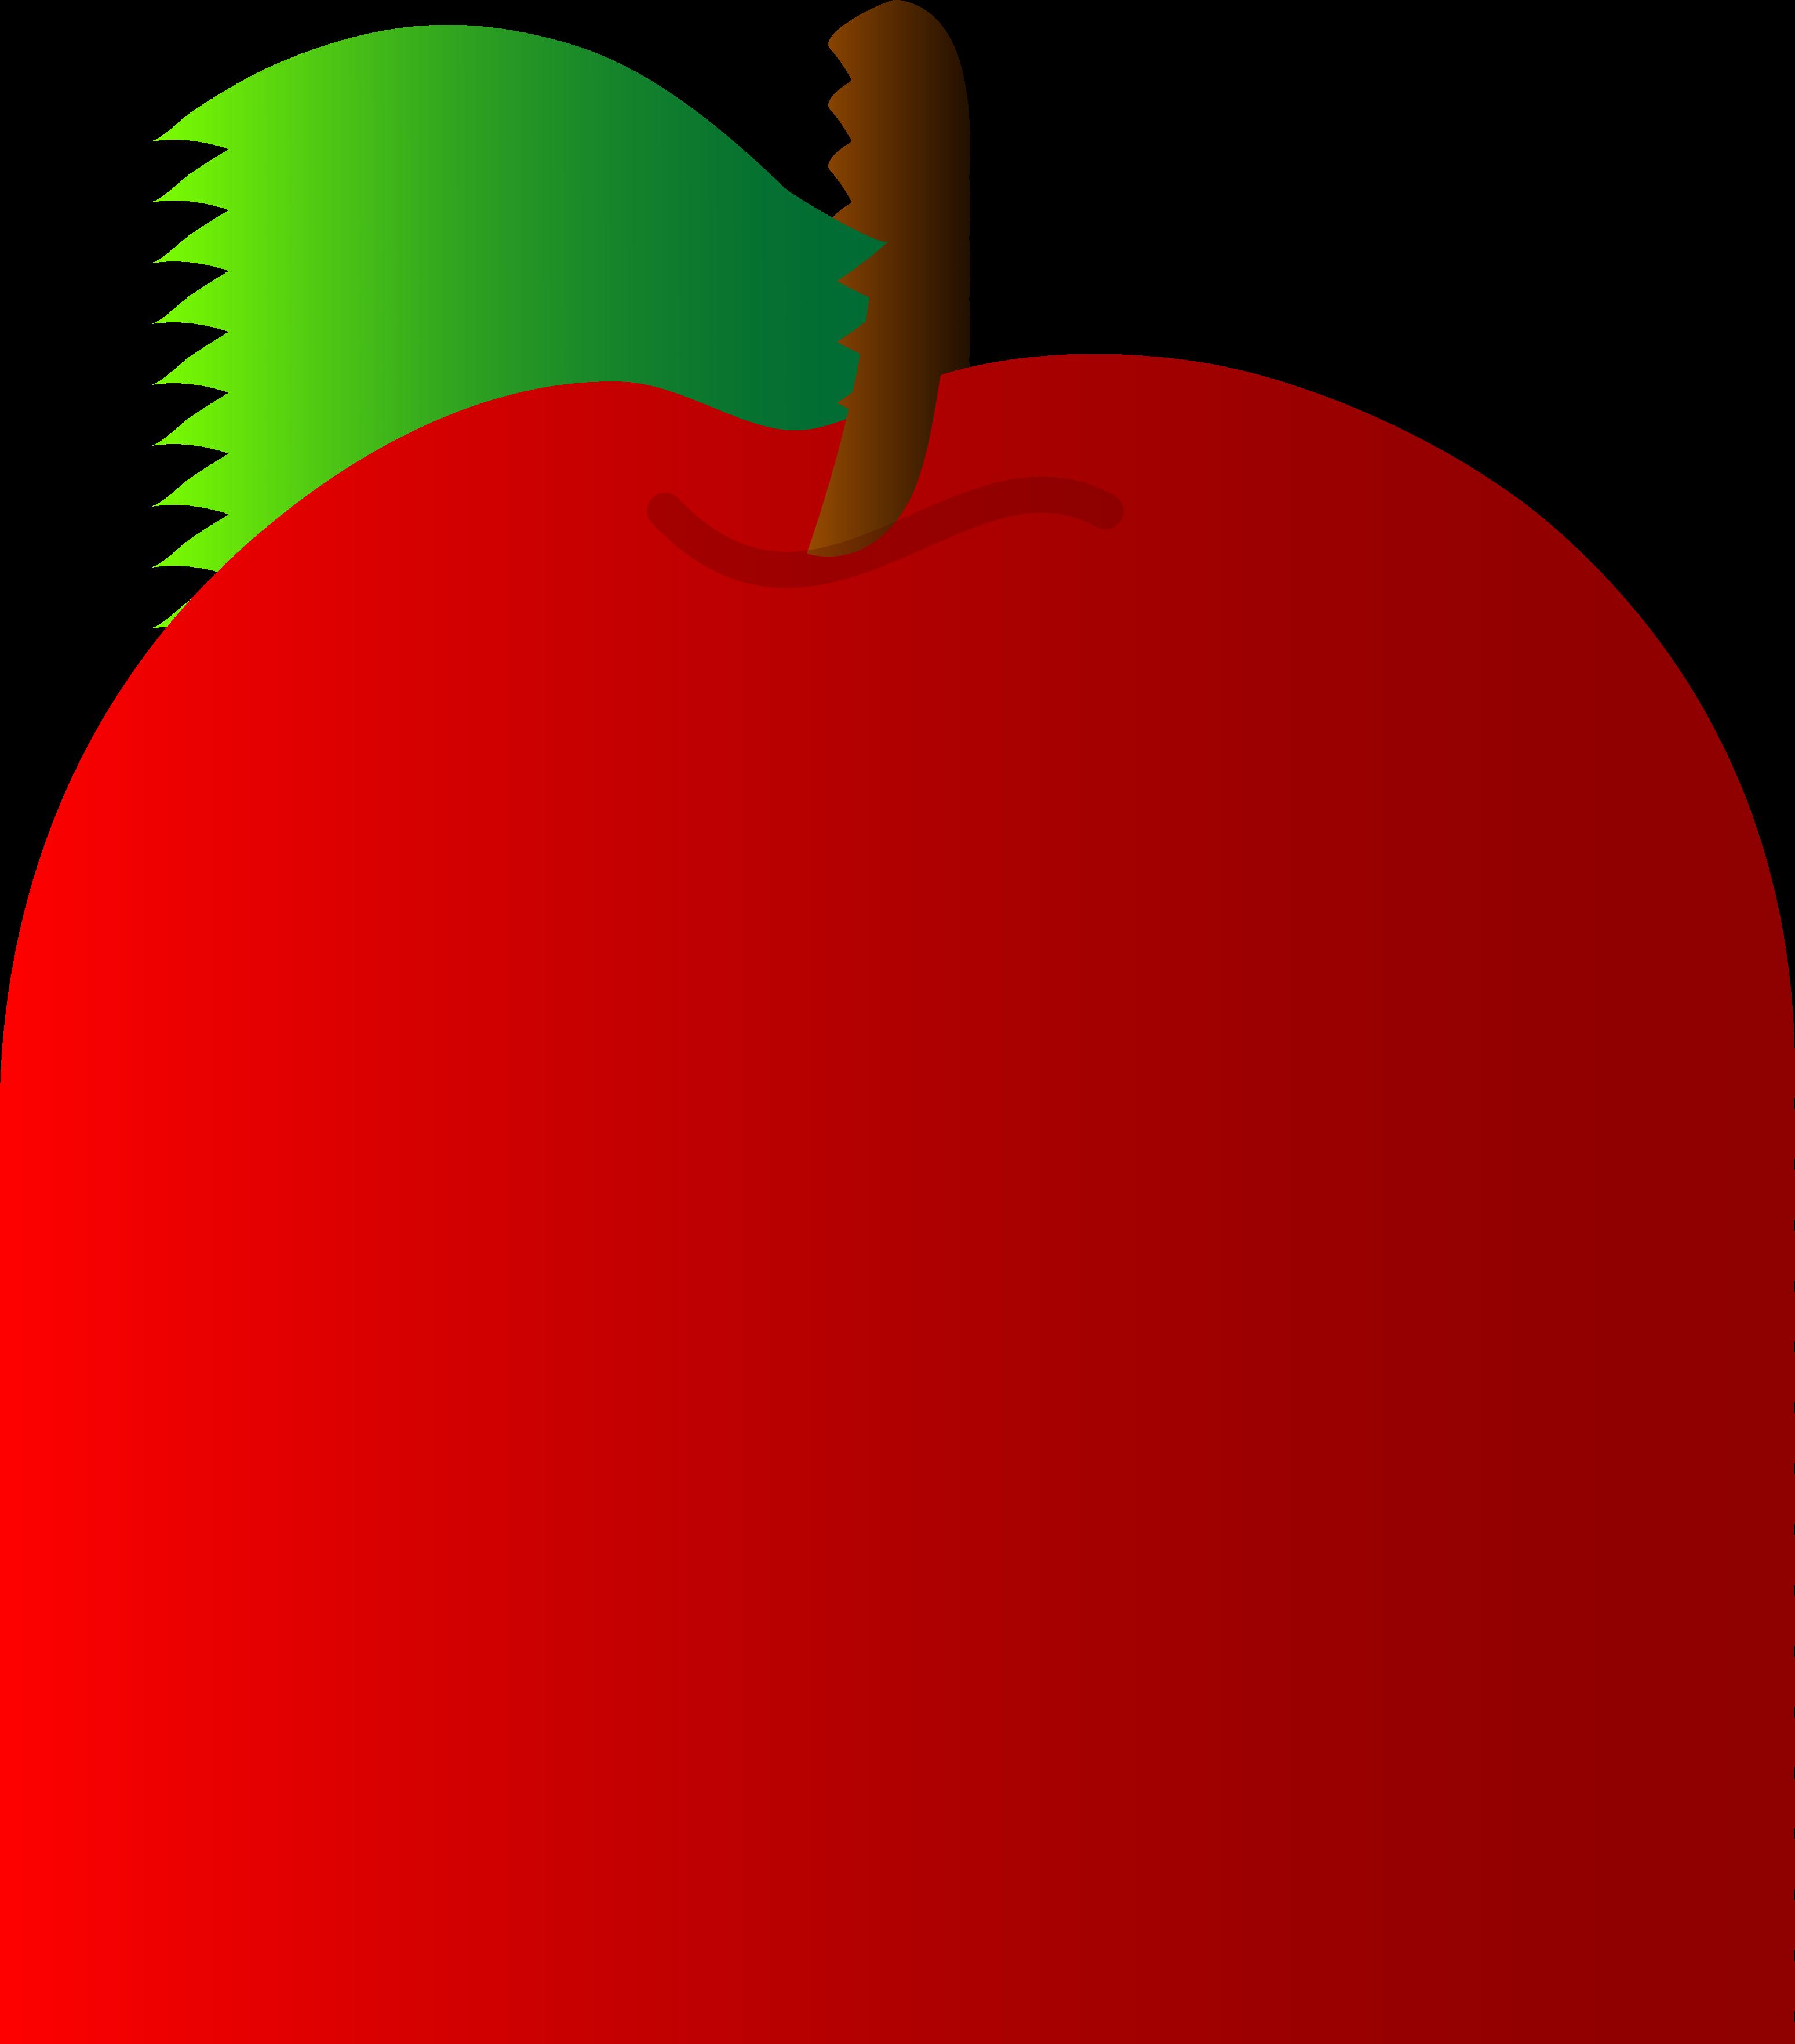 3097x3526 Apple Clipart Fruit